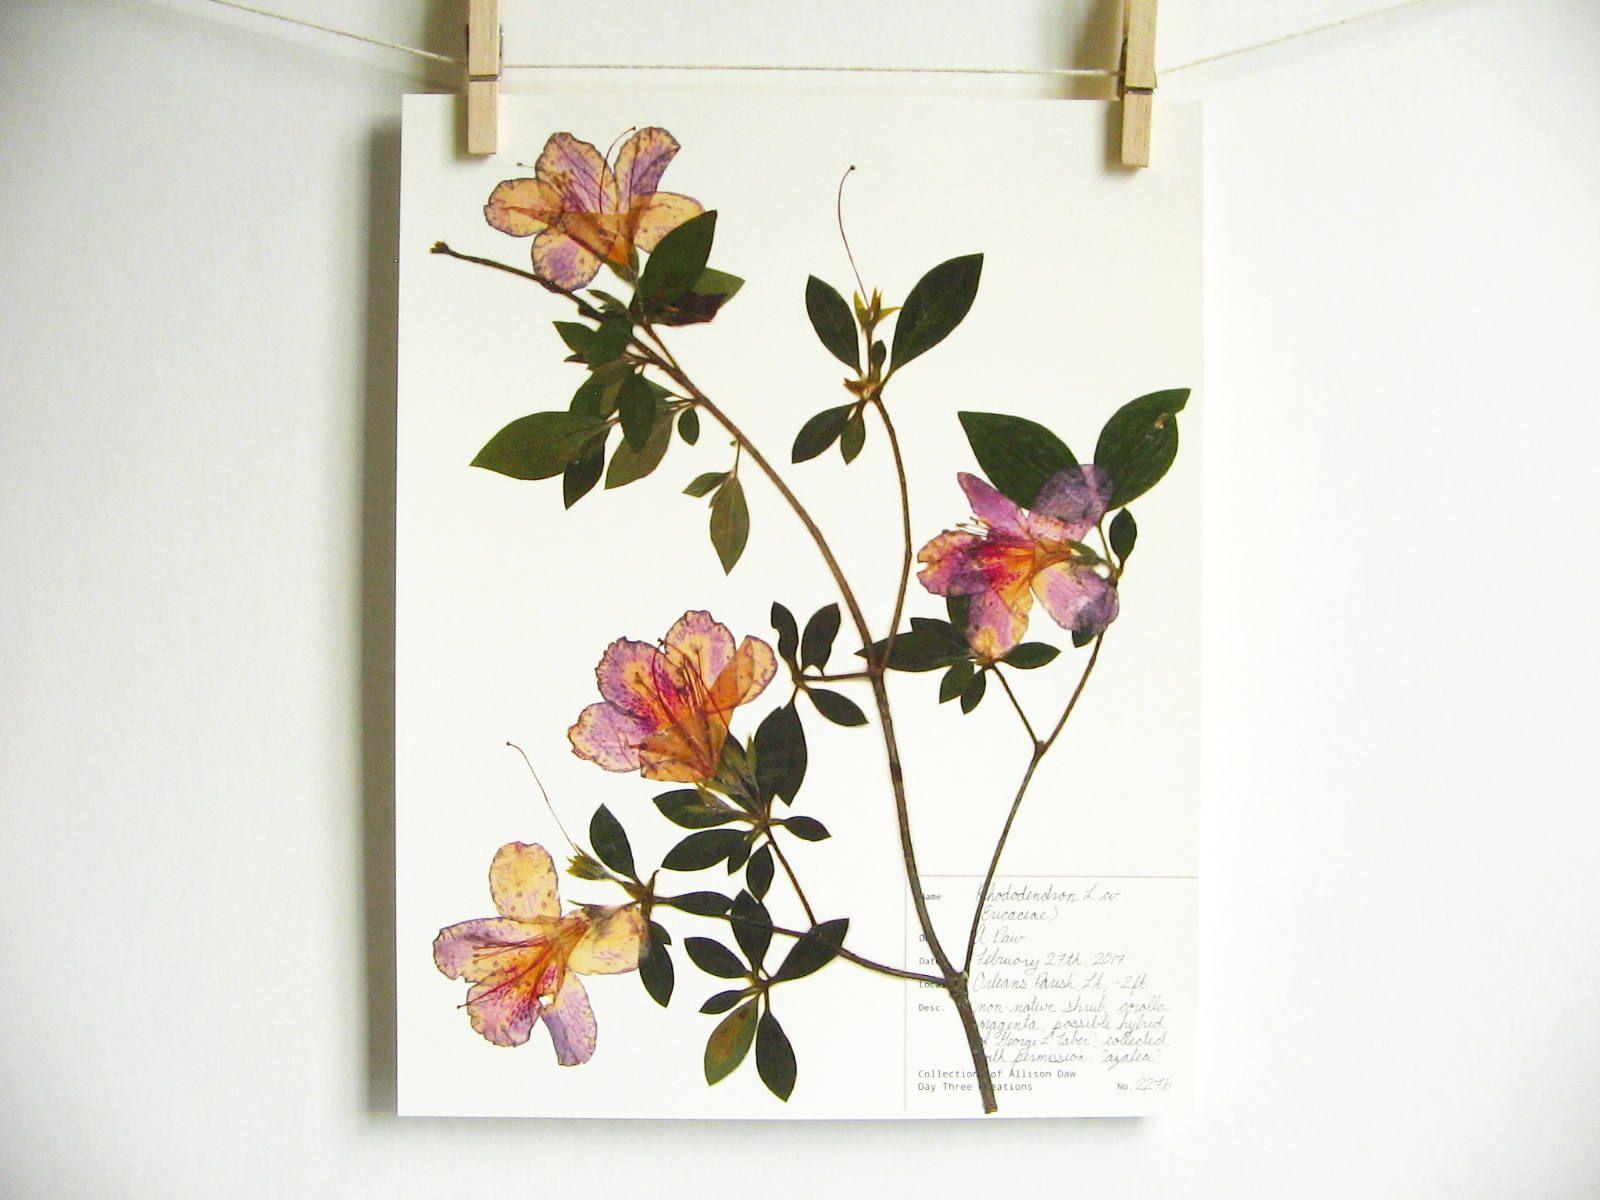 Azalee Druck; getrocknete Blumen Kunst botanische Wand Kunst gepresste Blumen Kunst Geschenk für Gärtner Herbarium botanische Druck New Orleans Pflanze Kunst